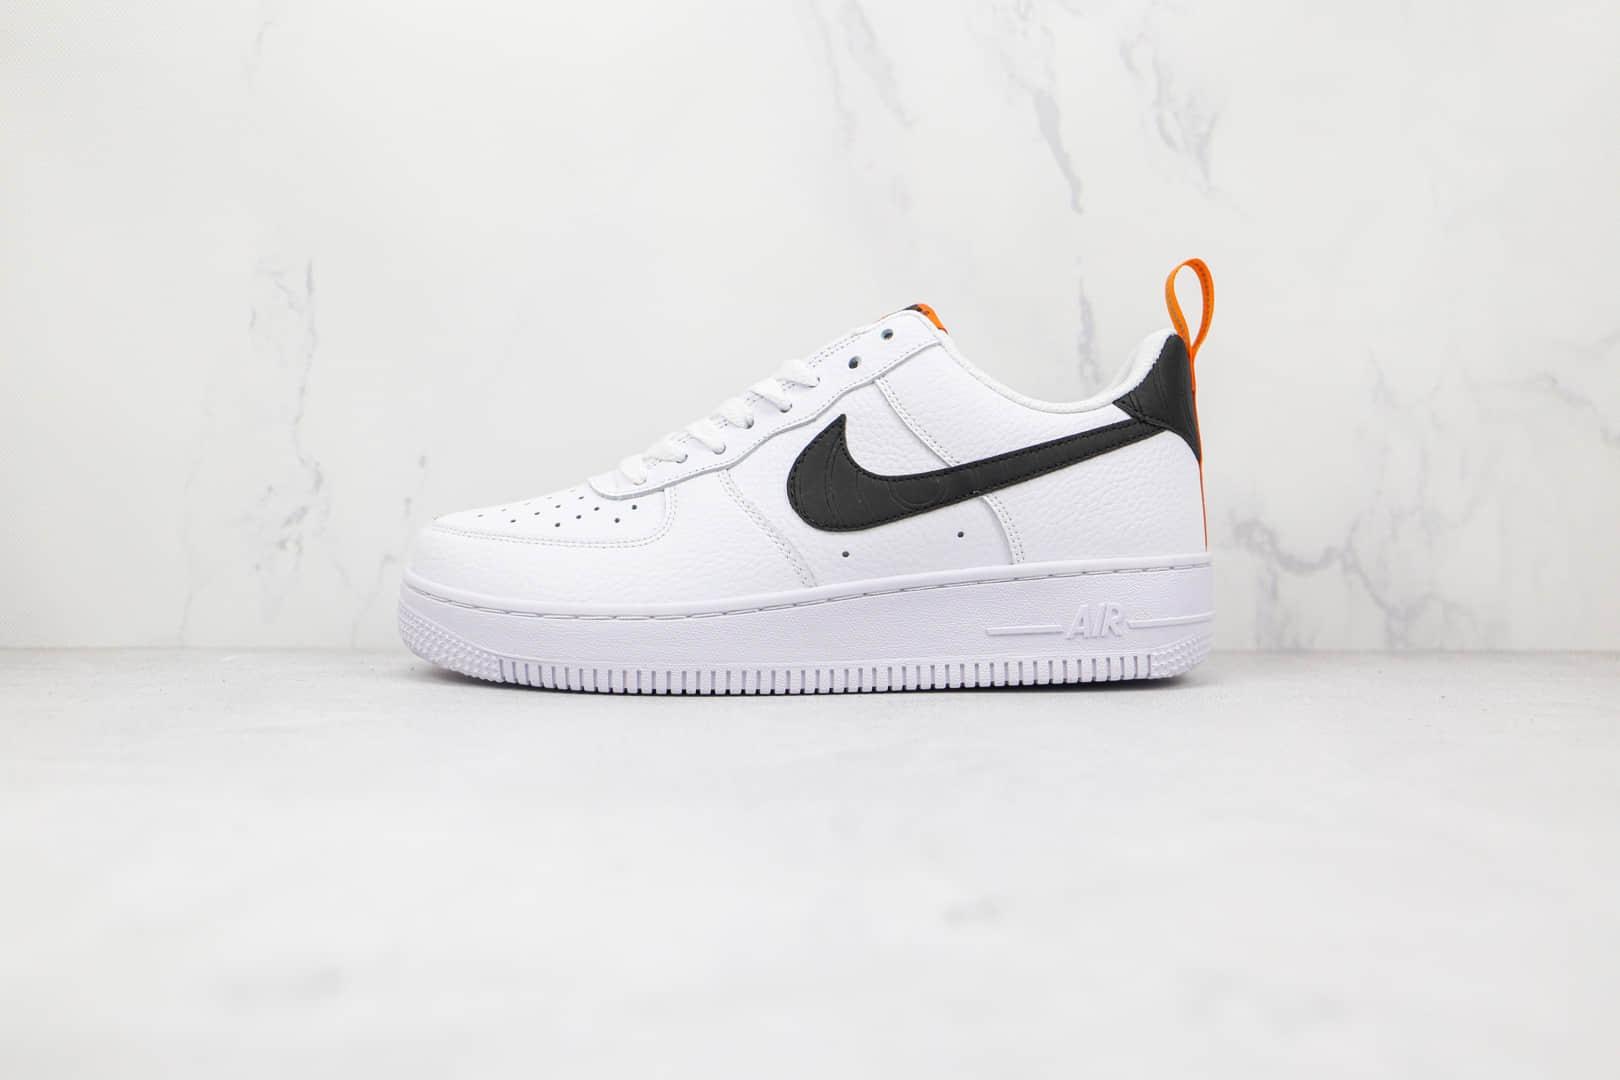 耐克Nike Air Force 1 Low '07纯原版本低帮空军一号白黑橙色压纹板鞋原楦头纸板打造 货号:DO6394-100